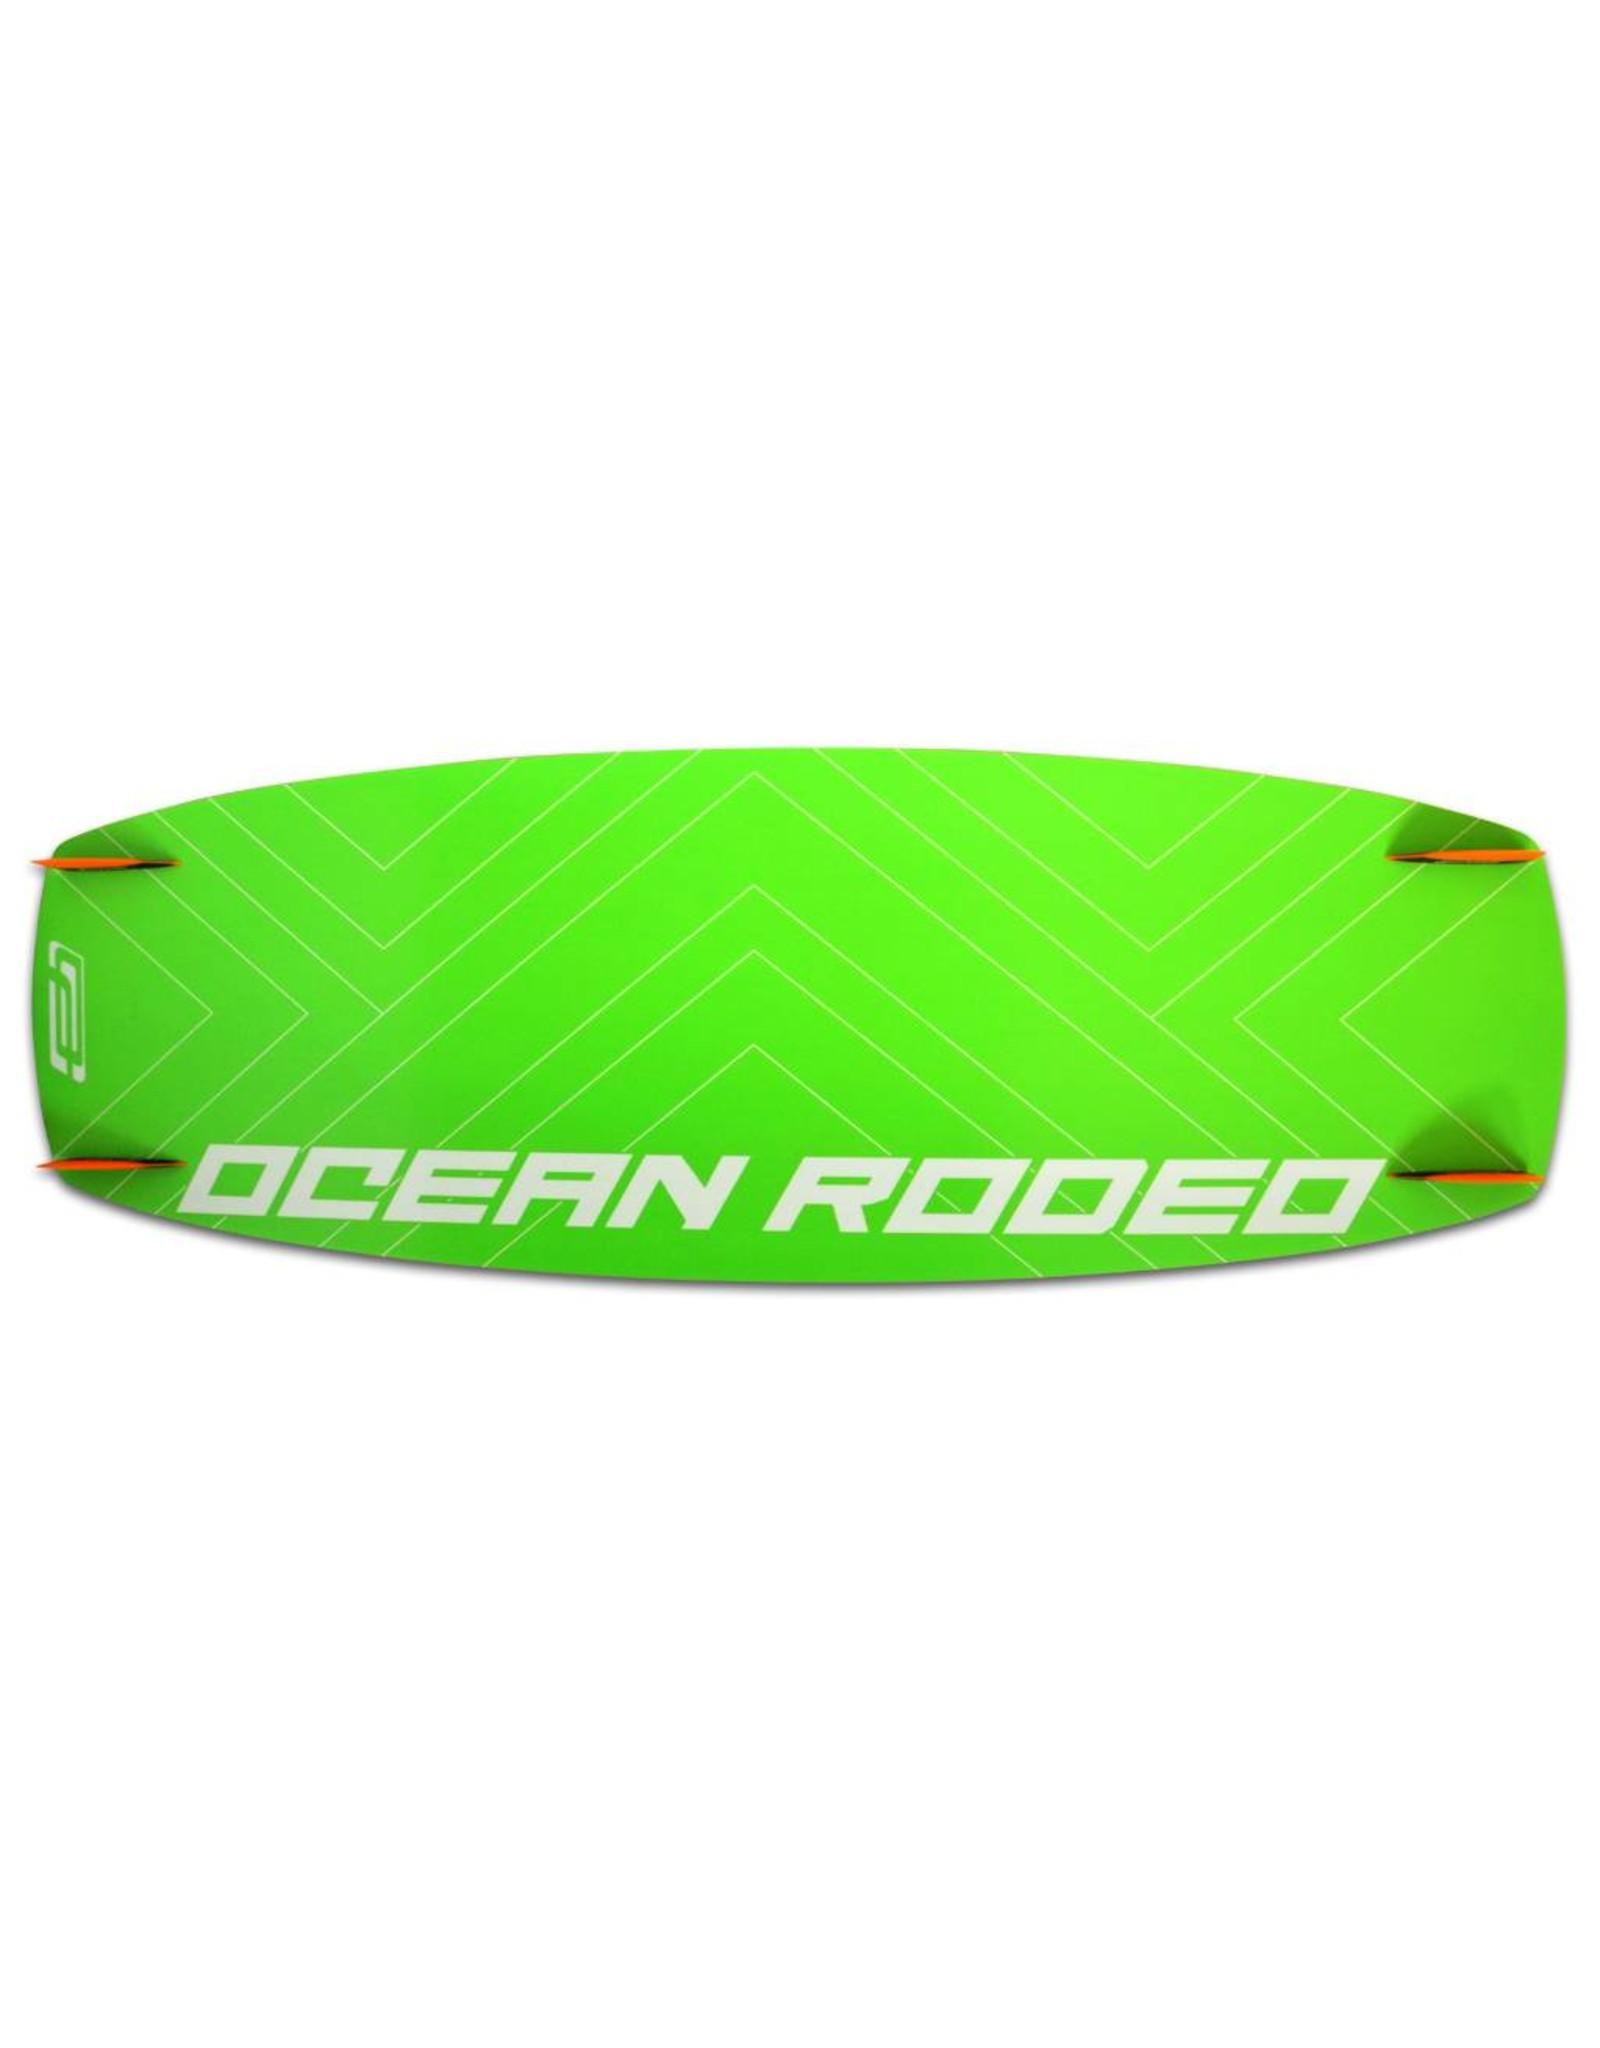 Ocean Rodeo Orgin, 142cm - Groen / Zwart